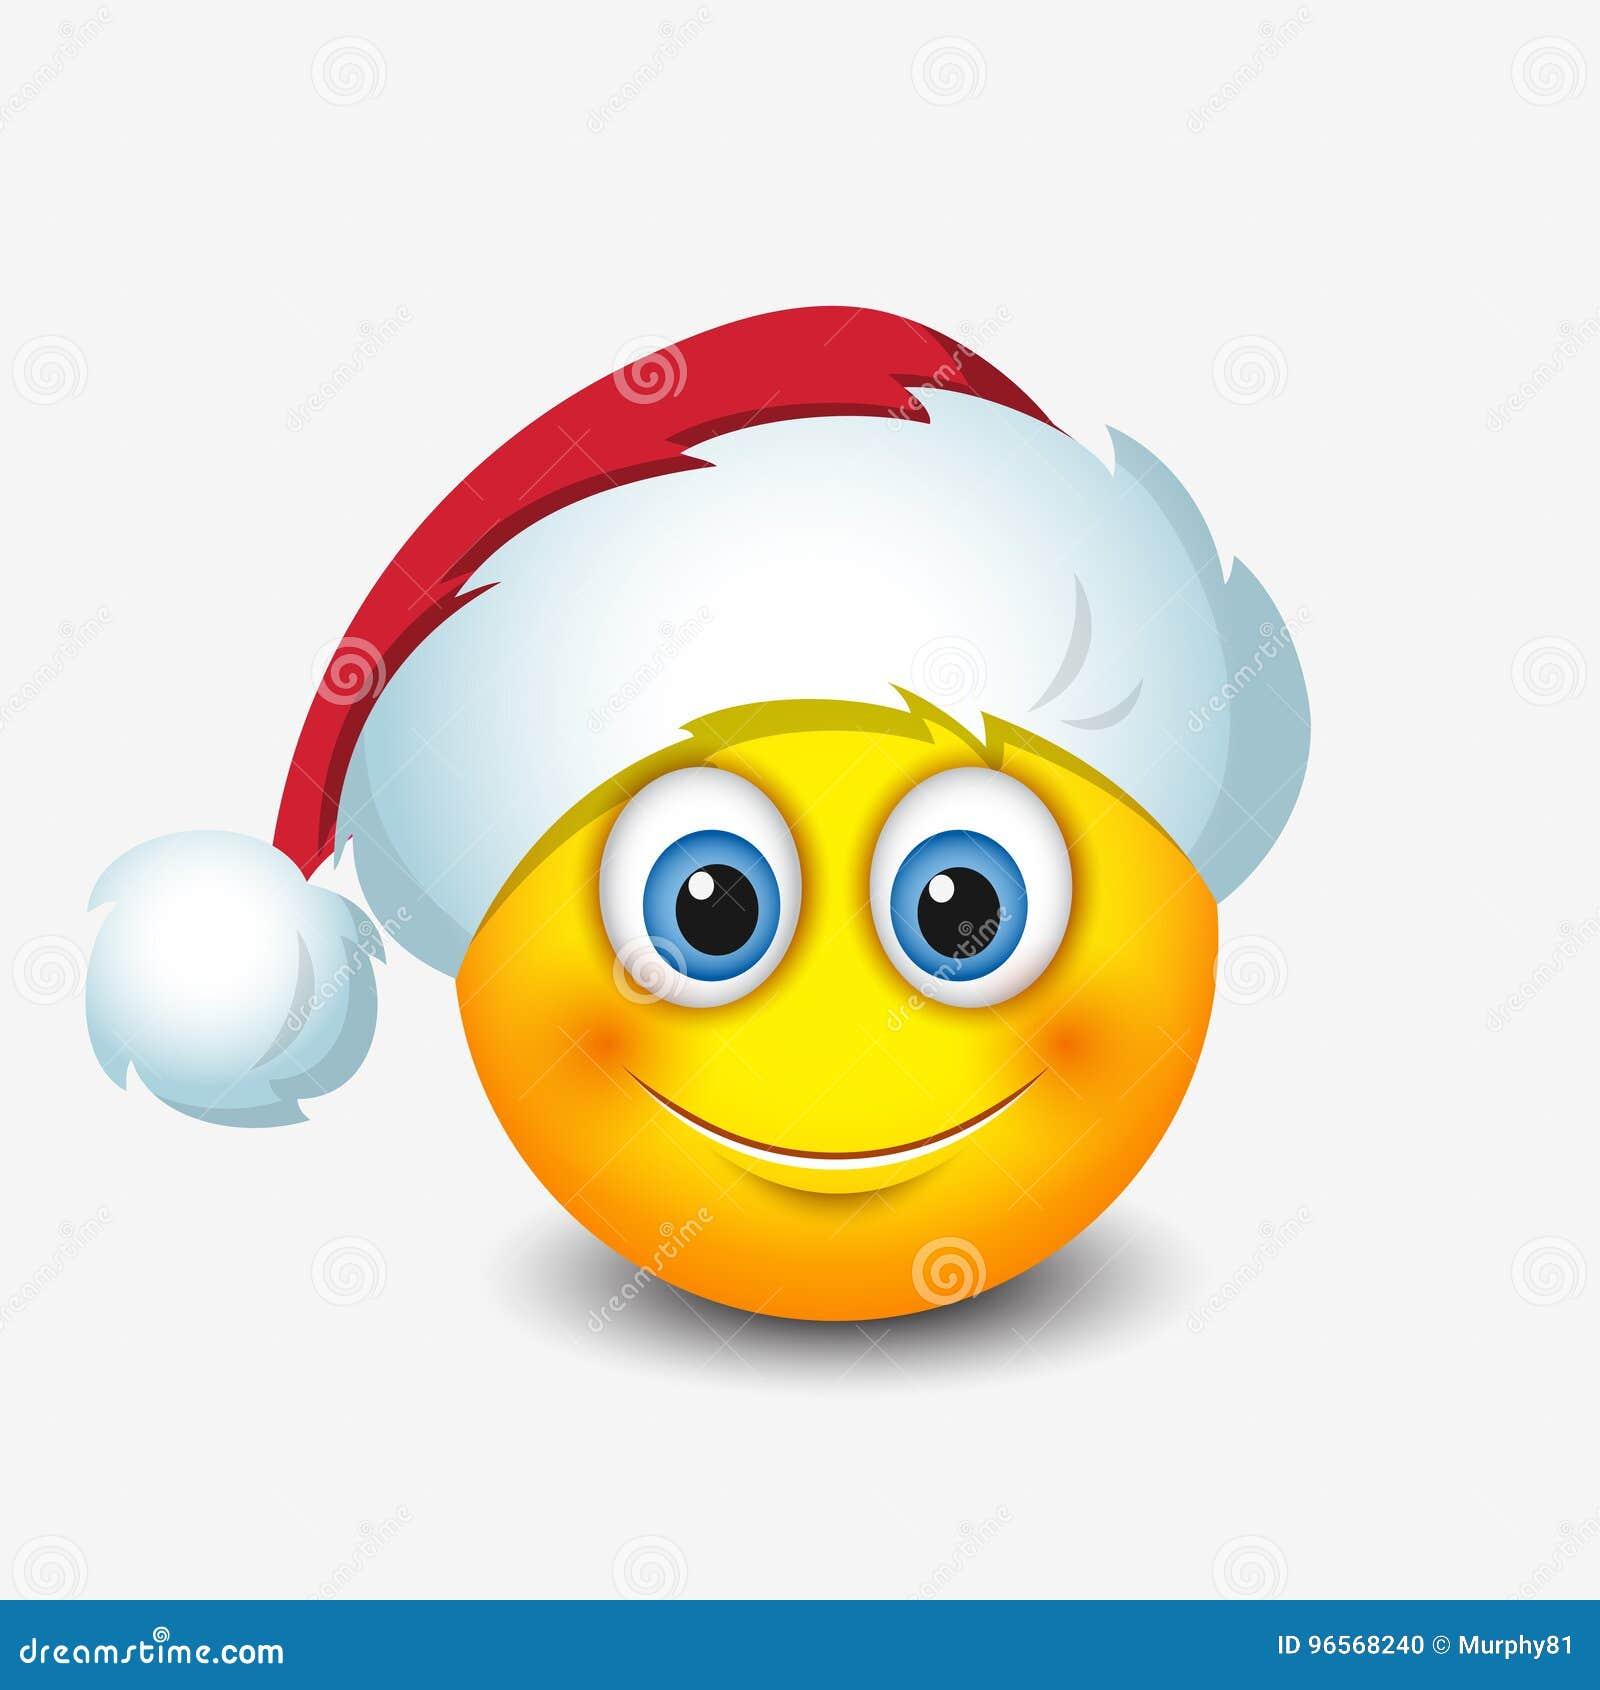 netter santa claus-emoticon, smiley, emoji - vector illustration vektor  abbildung - illustration von gelb, kugel: 96568240  dreamstime.com